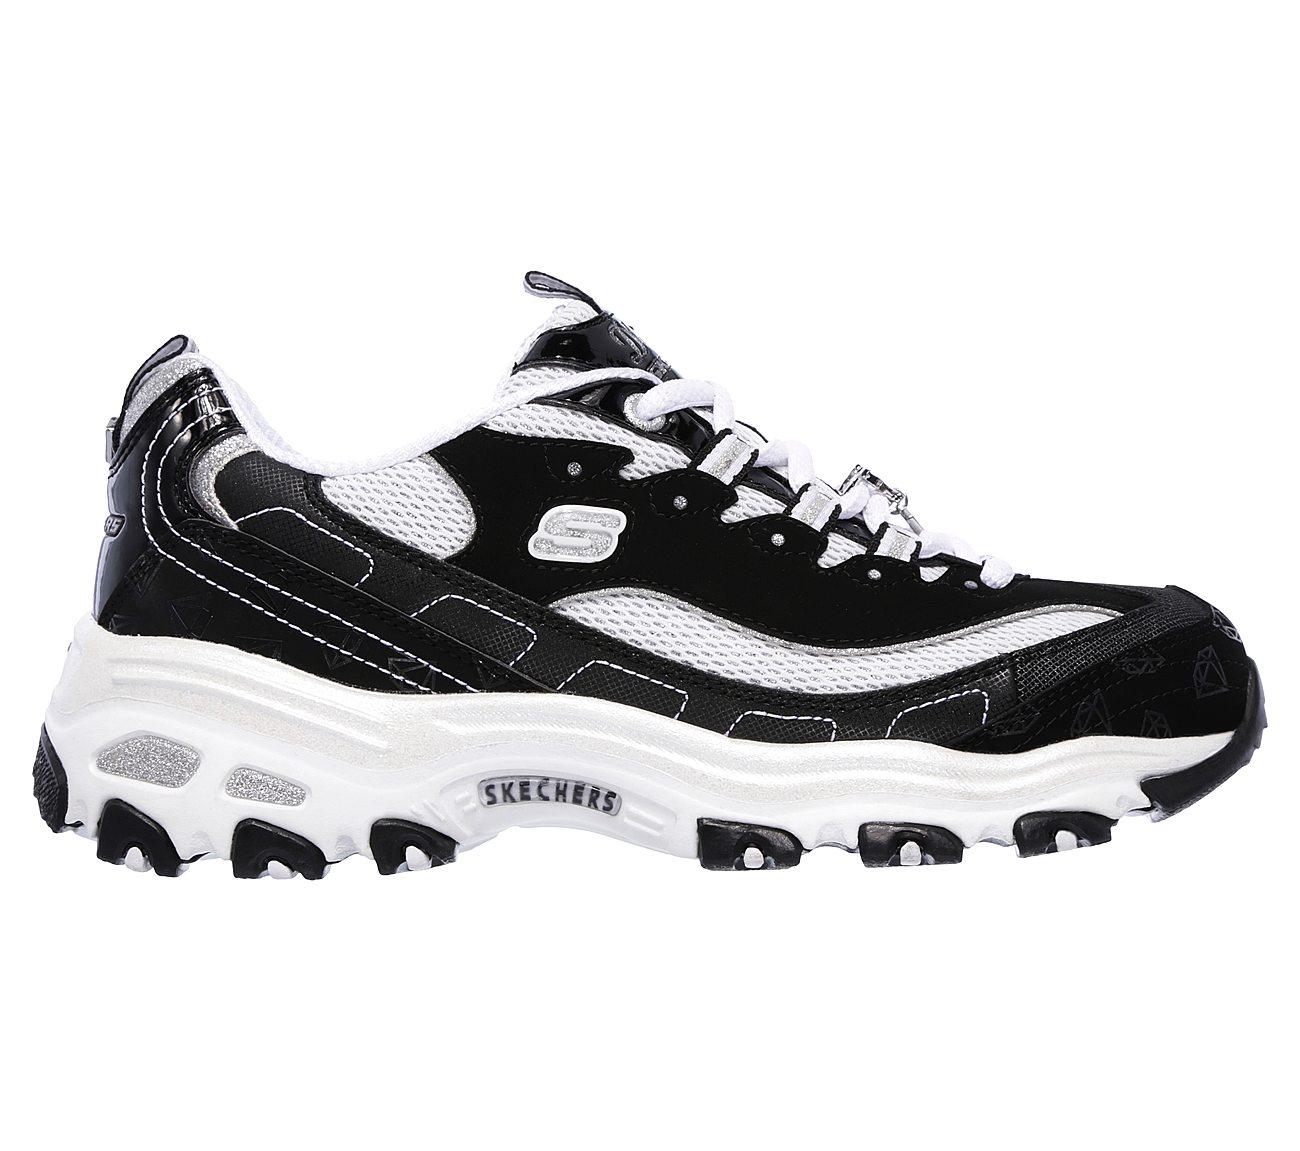 skechers d lites Sneakers